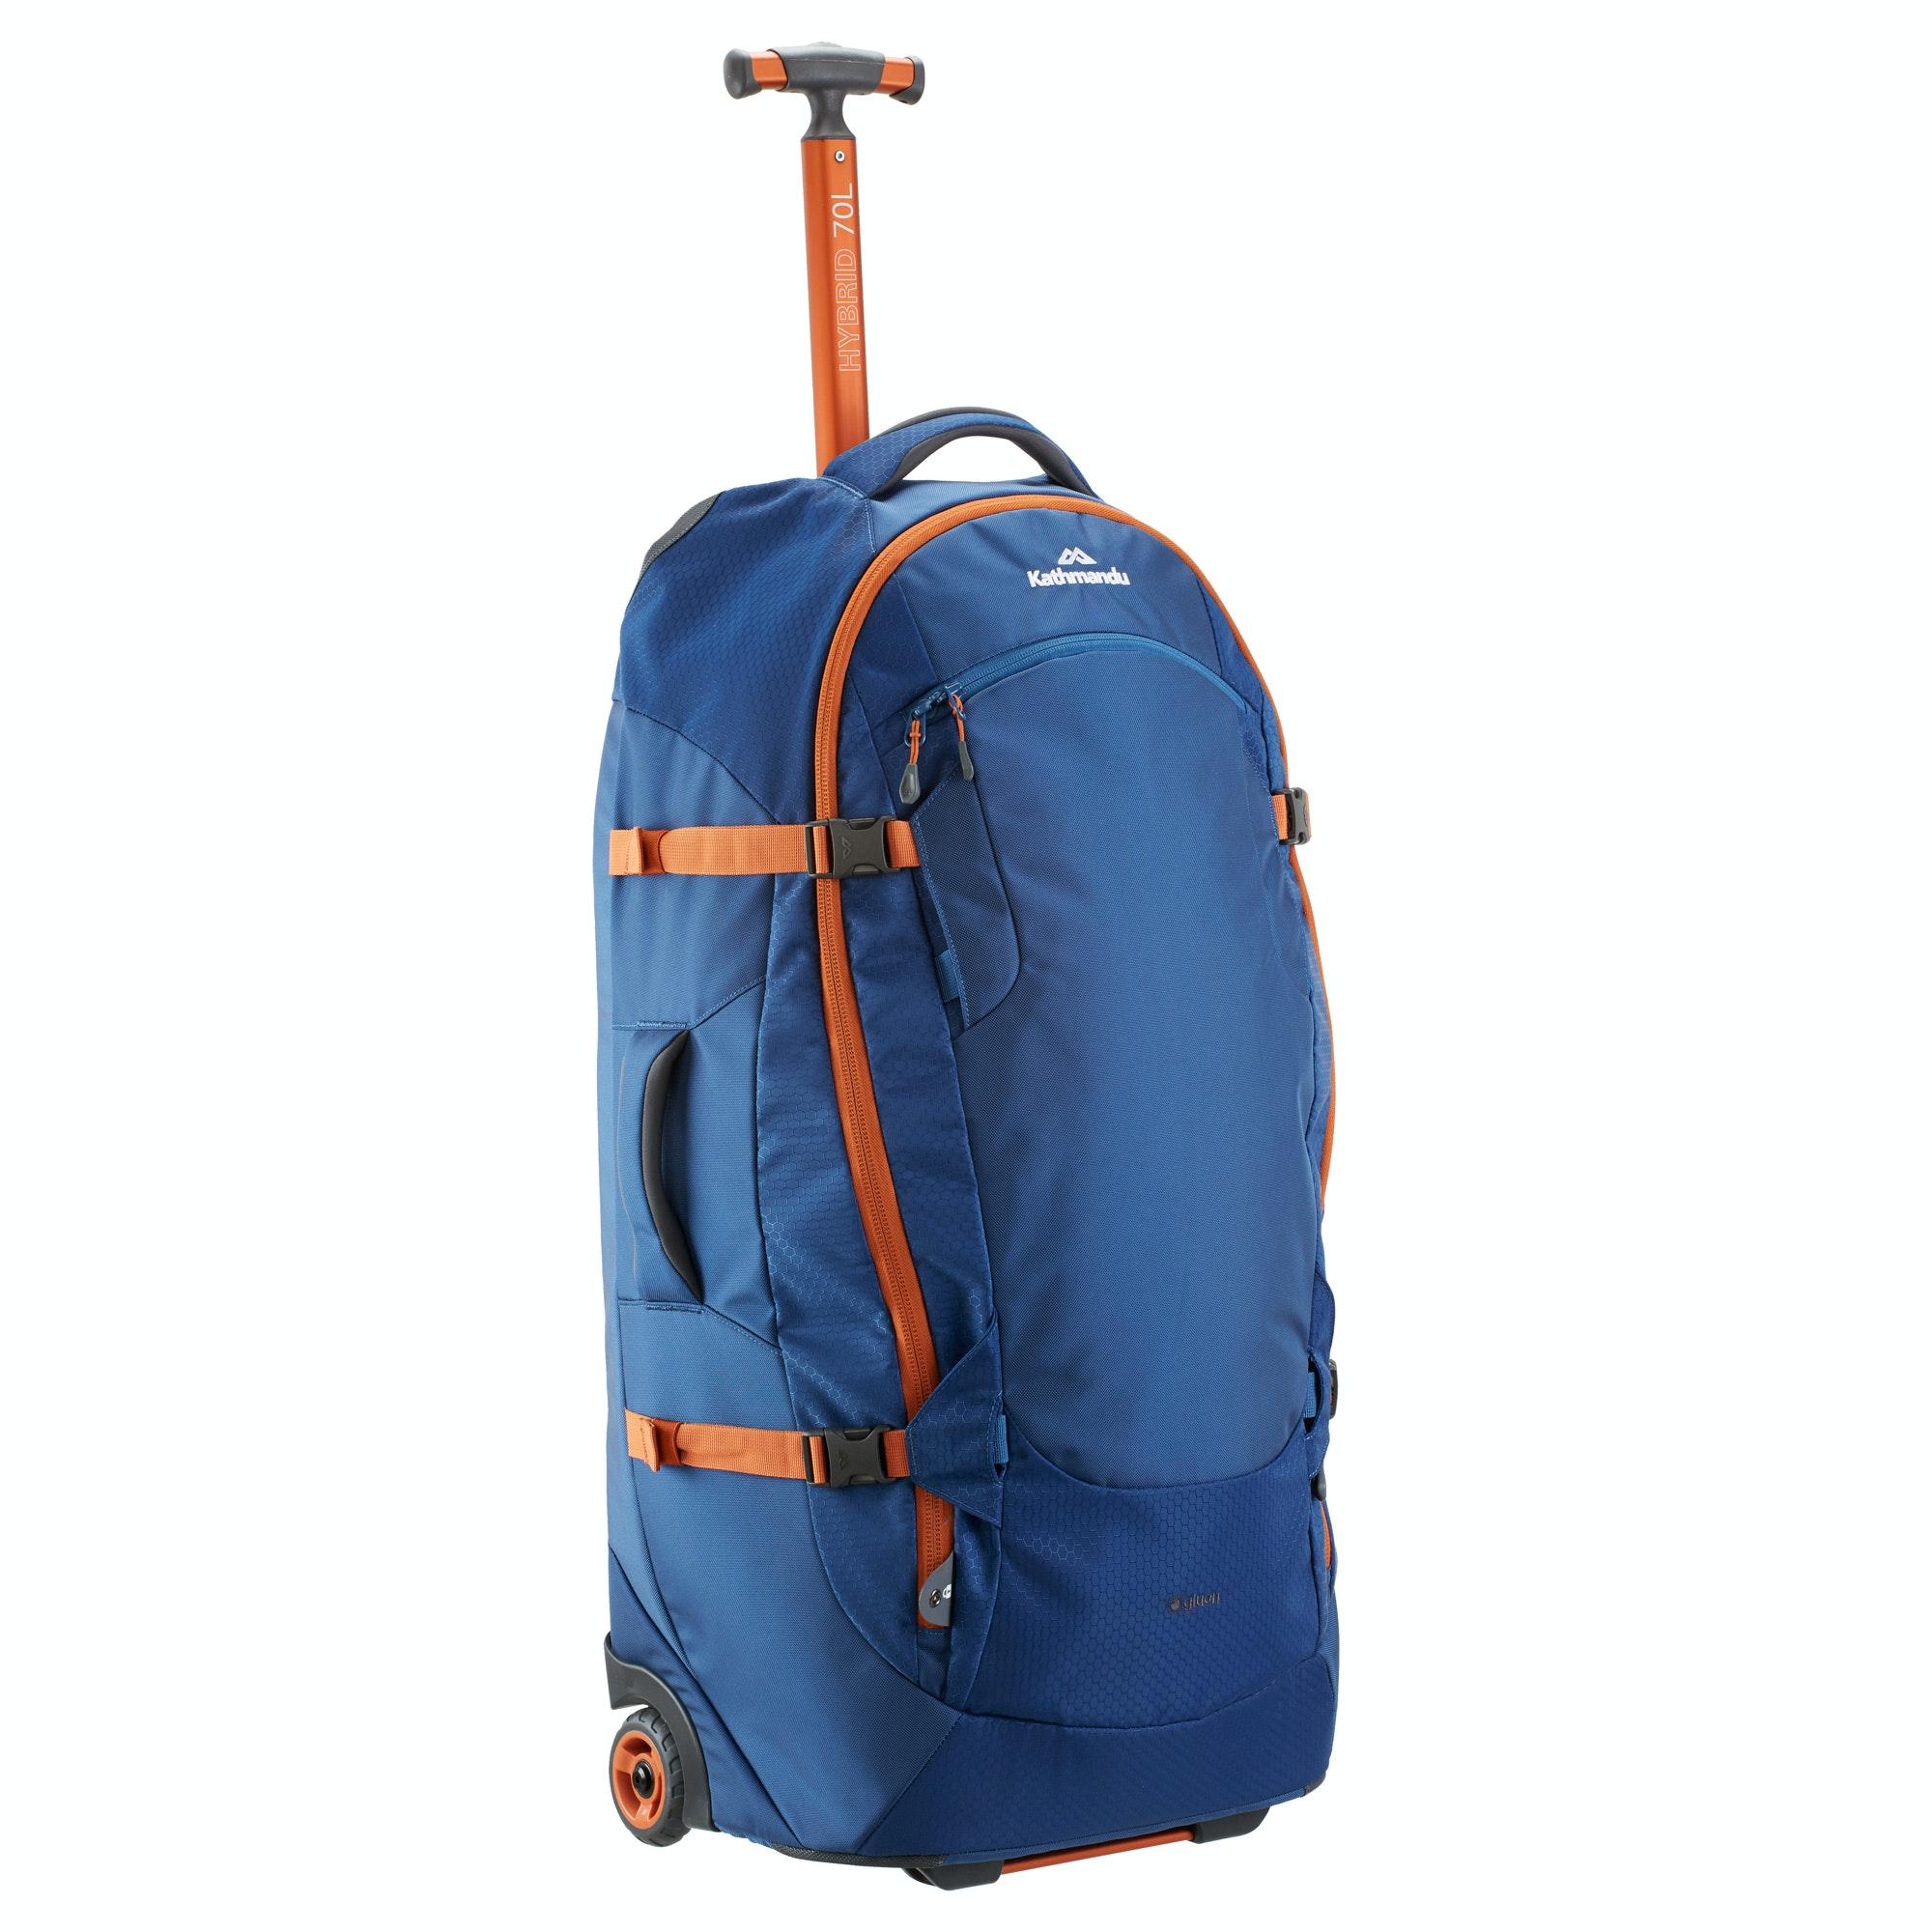 Hybrid Travel Bags